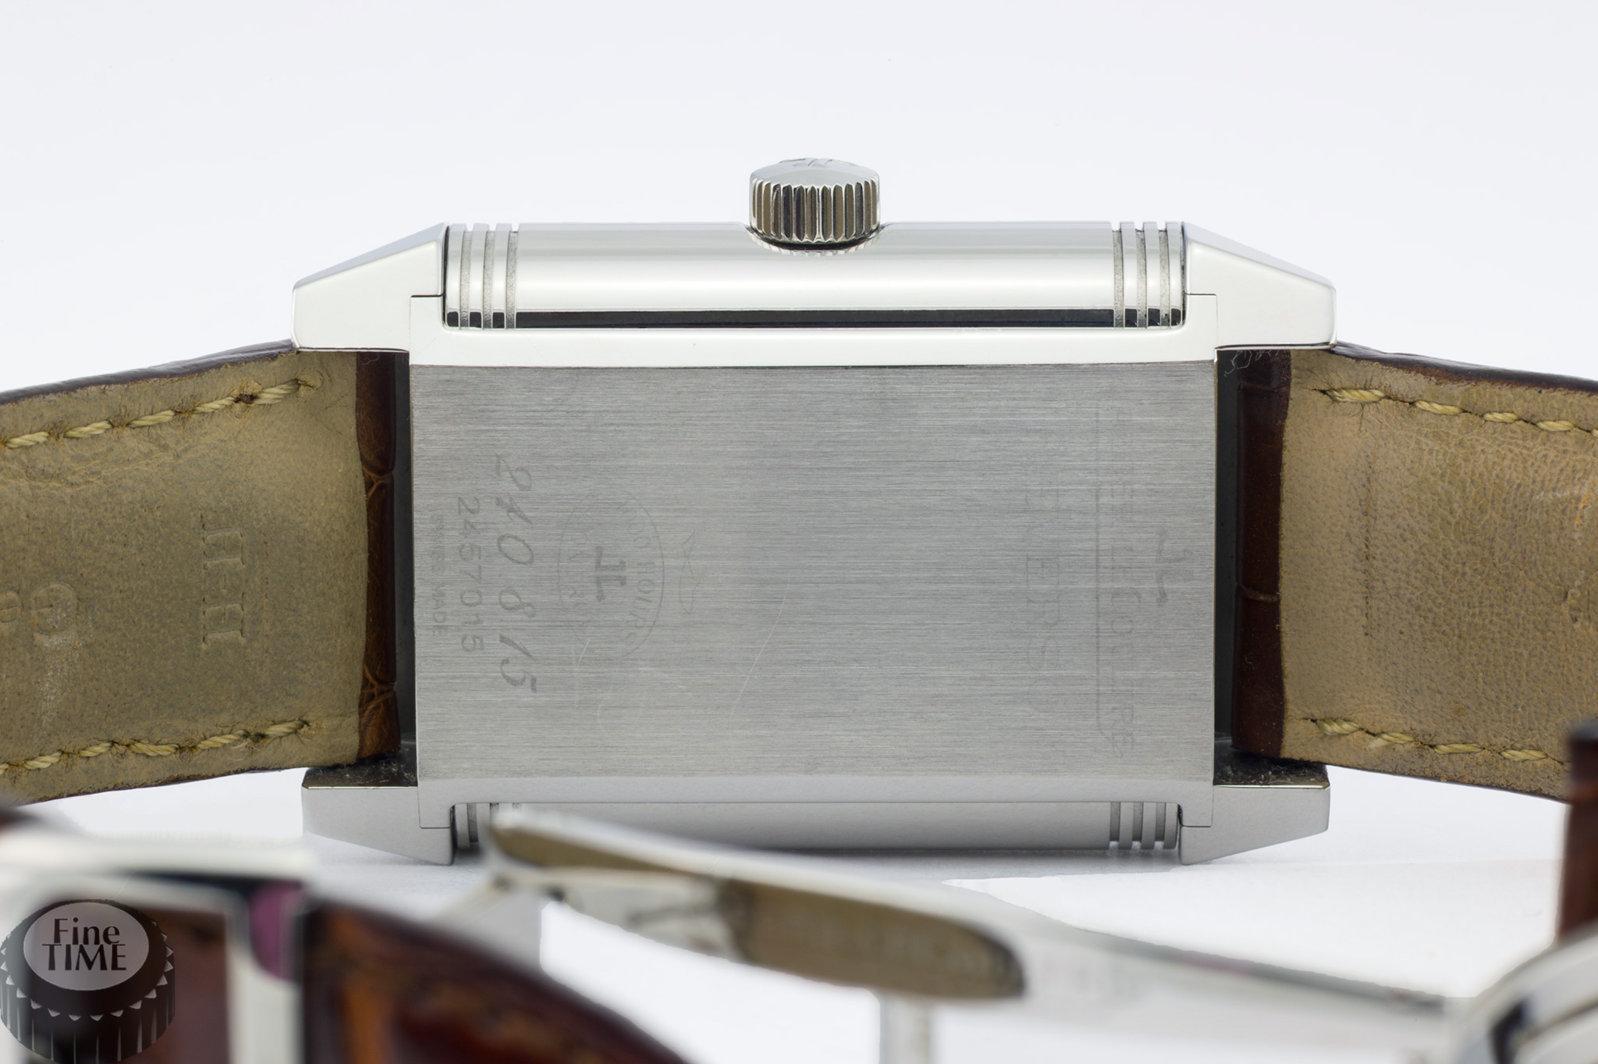 jaeger-lecoultre-reverso-grande-date-240815-02 copy.jpg